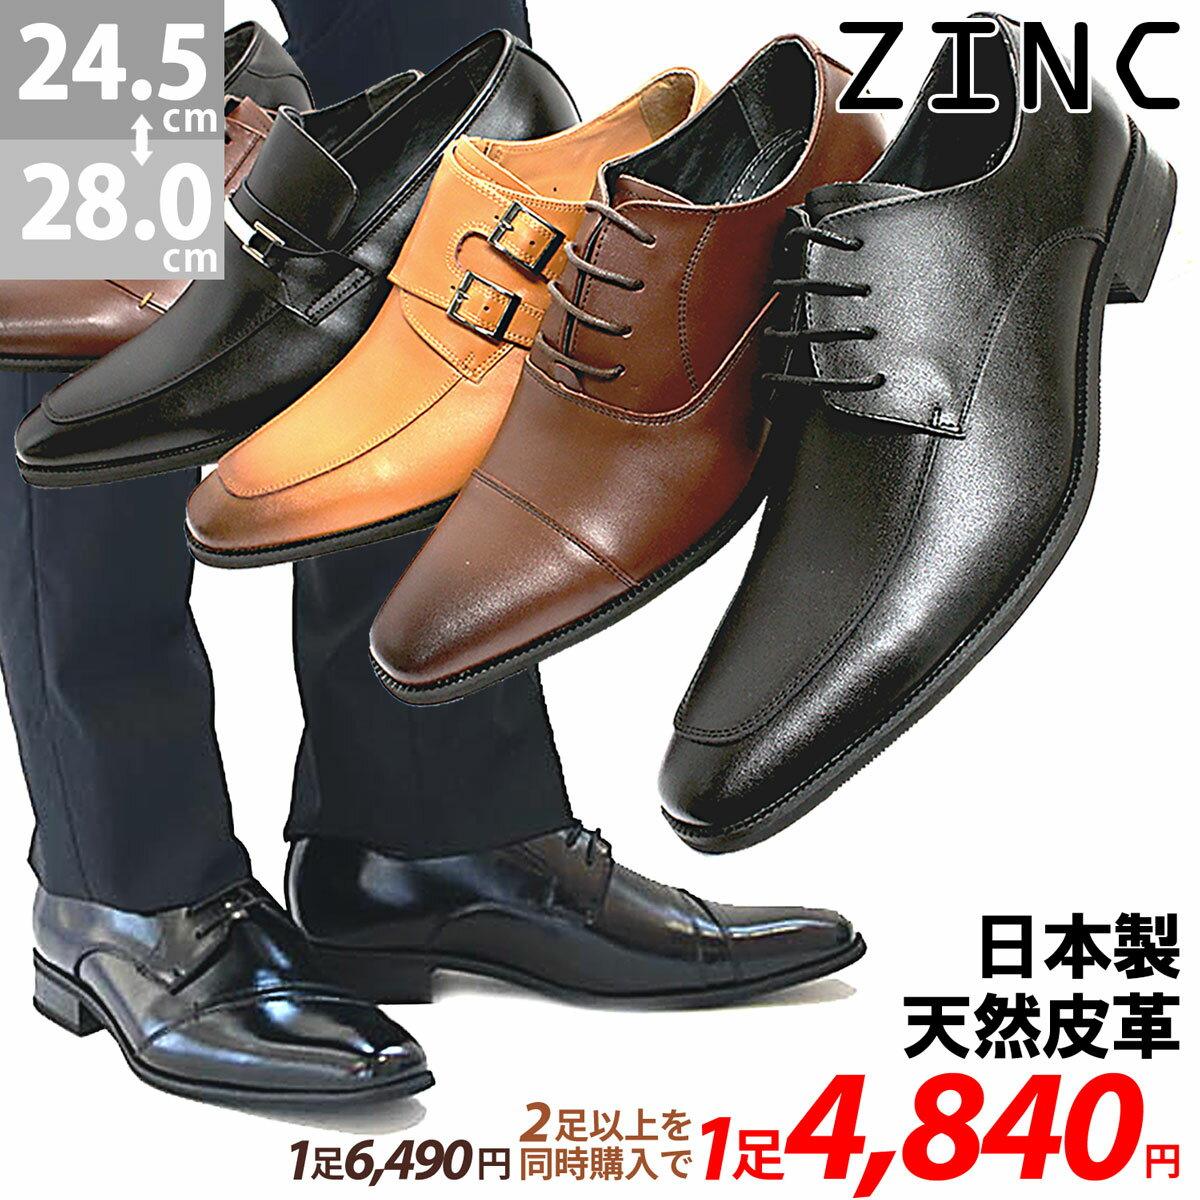 【送料無料】ビジネスシューズ 本革 革靴 メンズ日本製 国産 ビジネス 選べる2足セット[…...:zealmarket:10006141